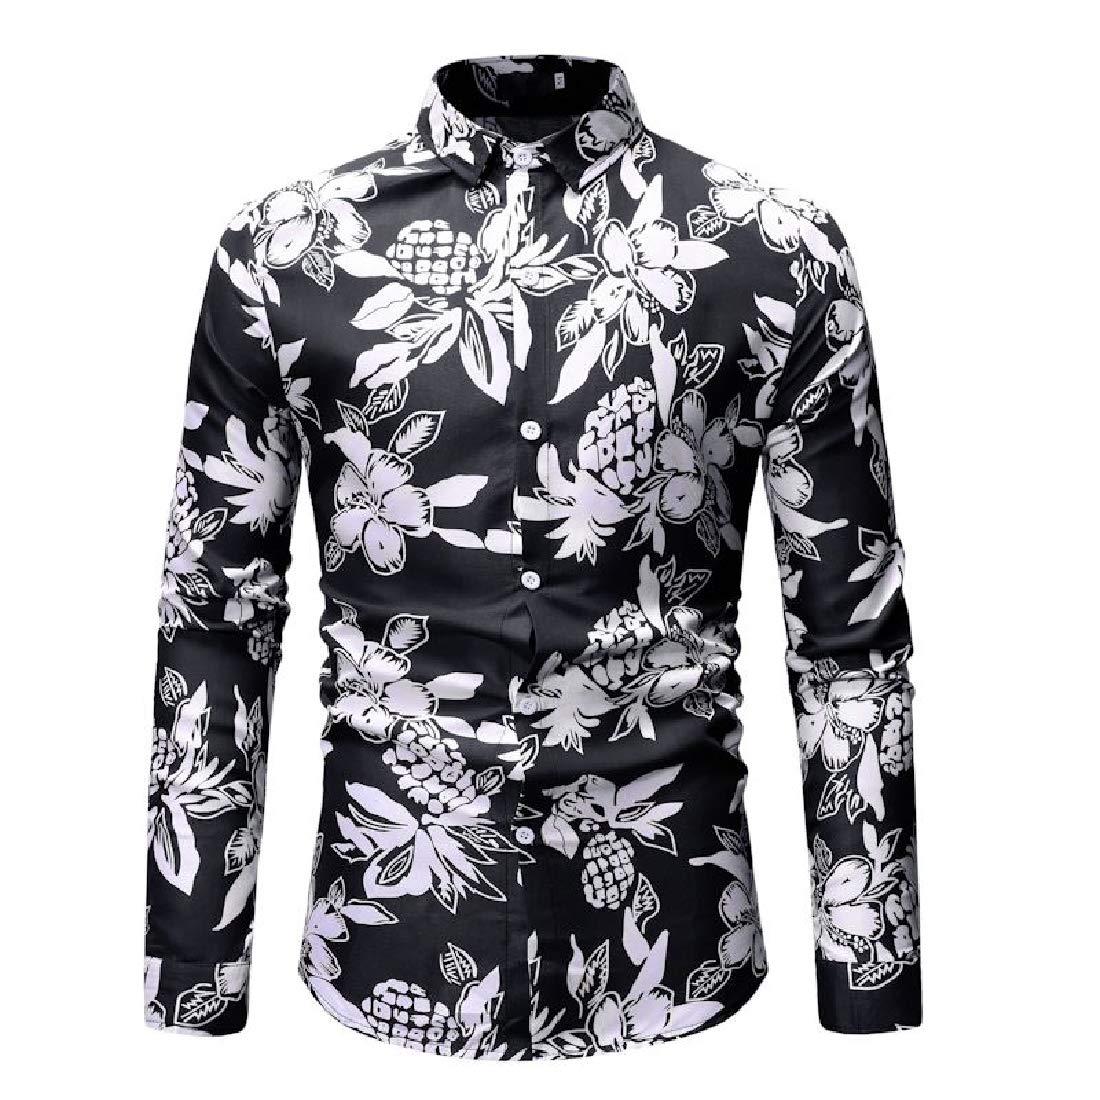 Kankanluck Men Regular Fit Button Up Long-Sleeve Hawaiian Beach Shirt